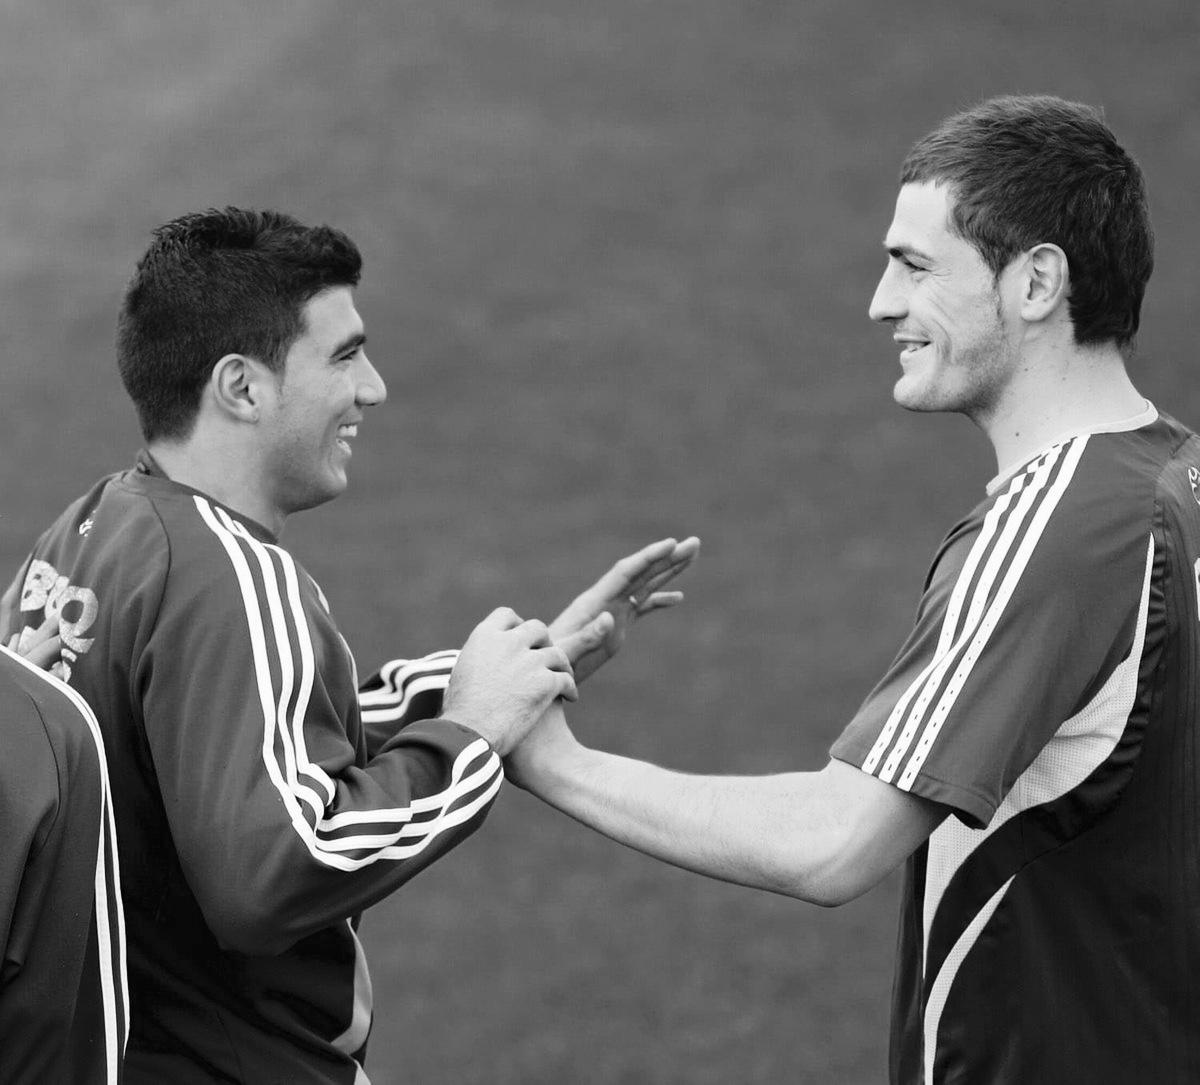 卡西哀悼雷耶斯:你的两粒进球为我们带来冠军,永远铭记